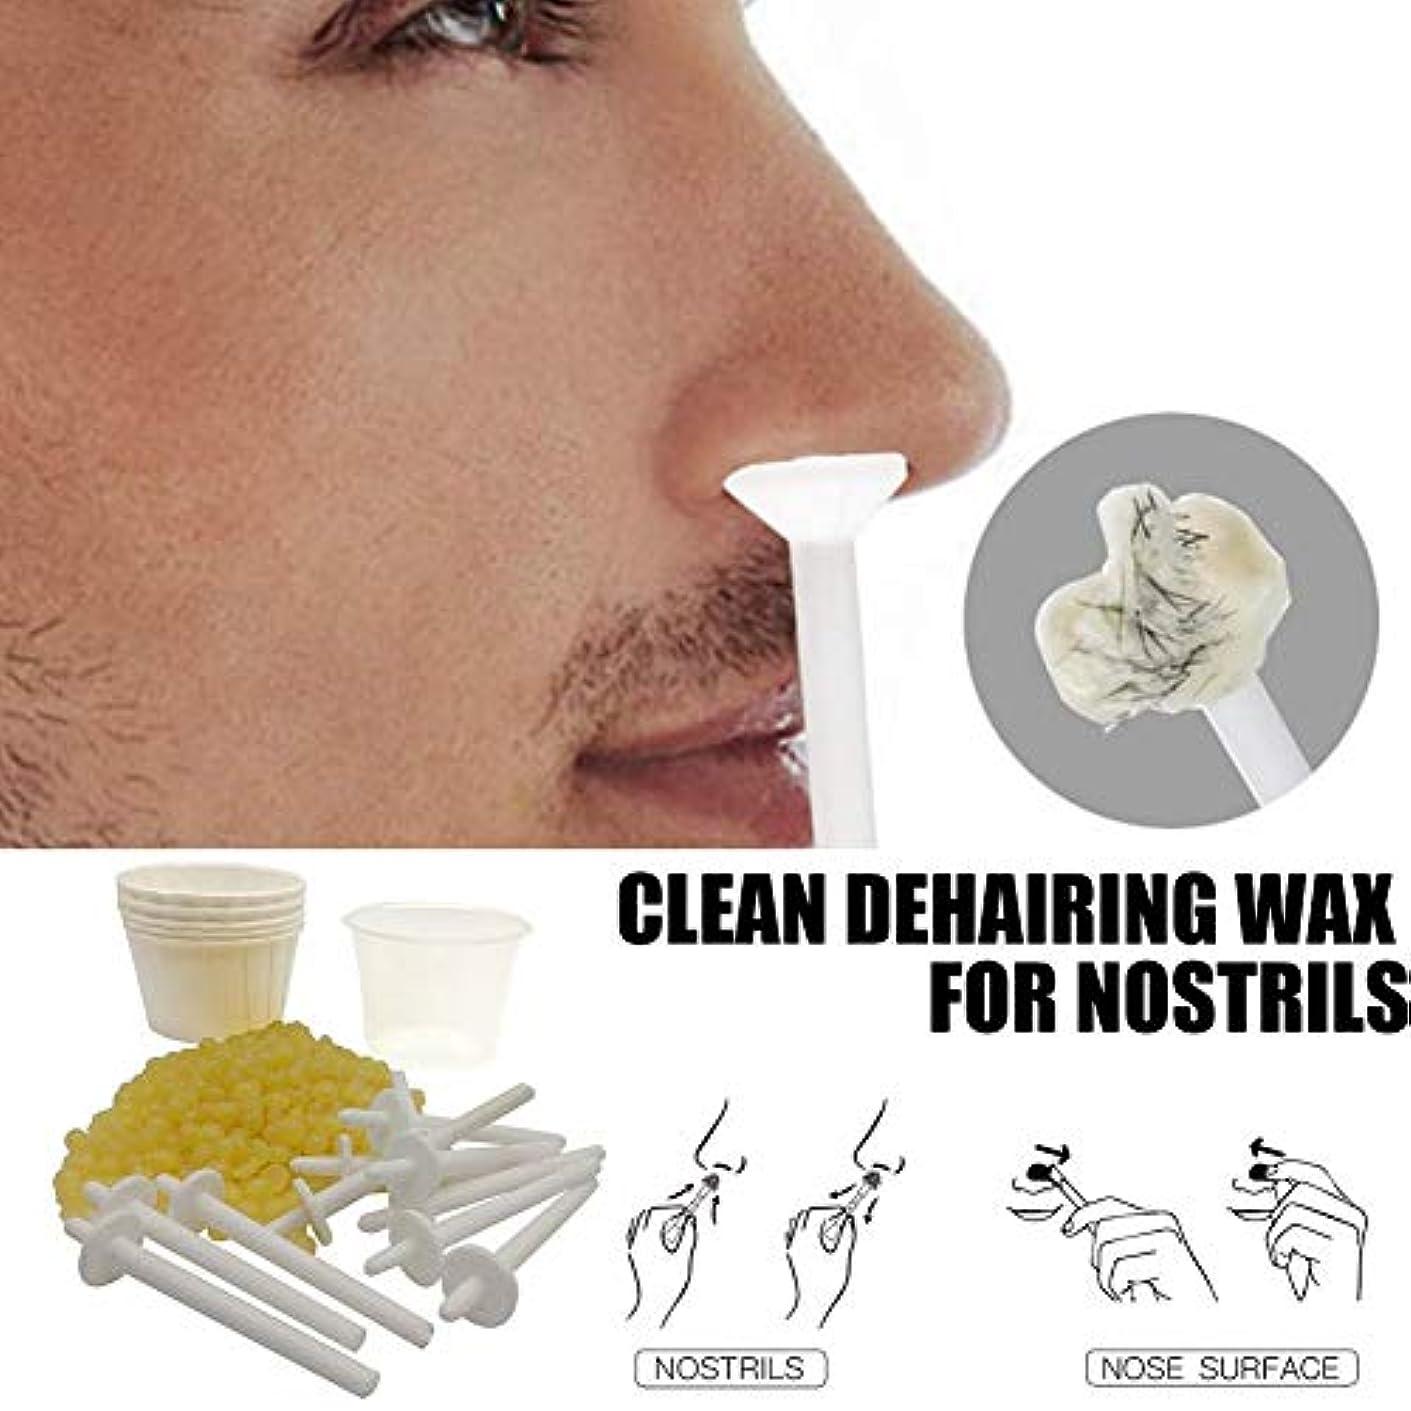 有彩色の田舎者器具SILUN 鼻毛除去ワックスキット 鼻毛除去化粧道具 ノーズワックスポッド ポータブル道具 迅速かつ無痛 (50グラム/ 10回使用回数)